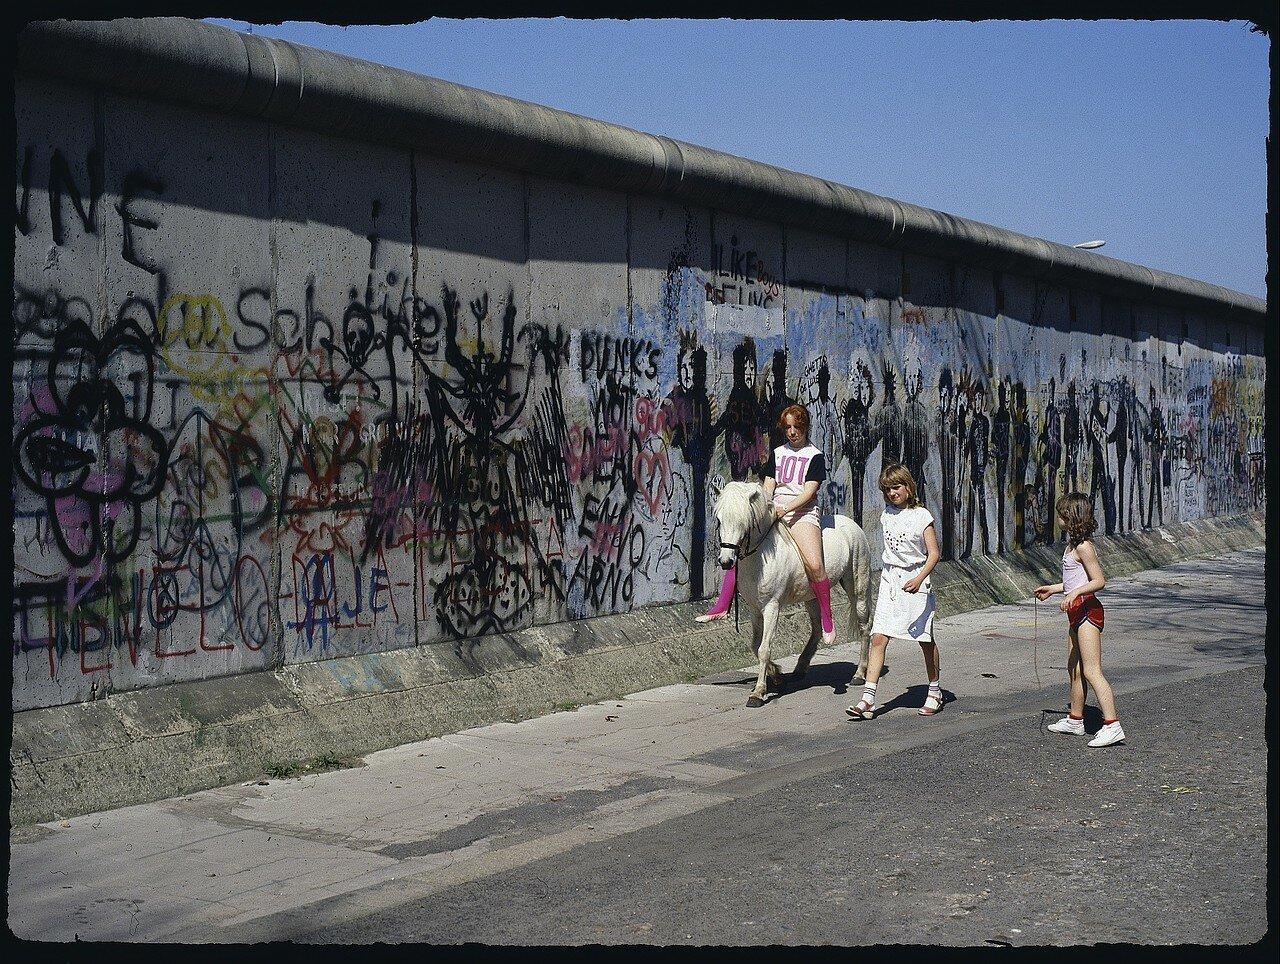 Западный Берлин. Стена в районе Кройцберга